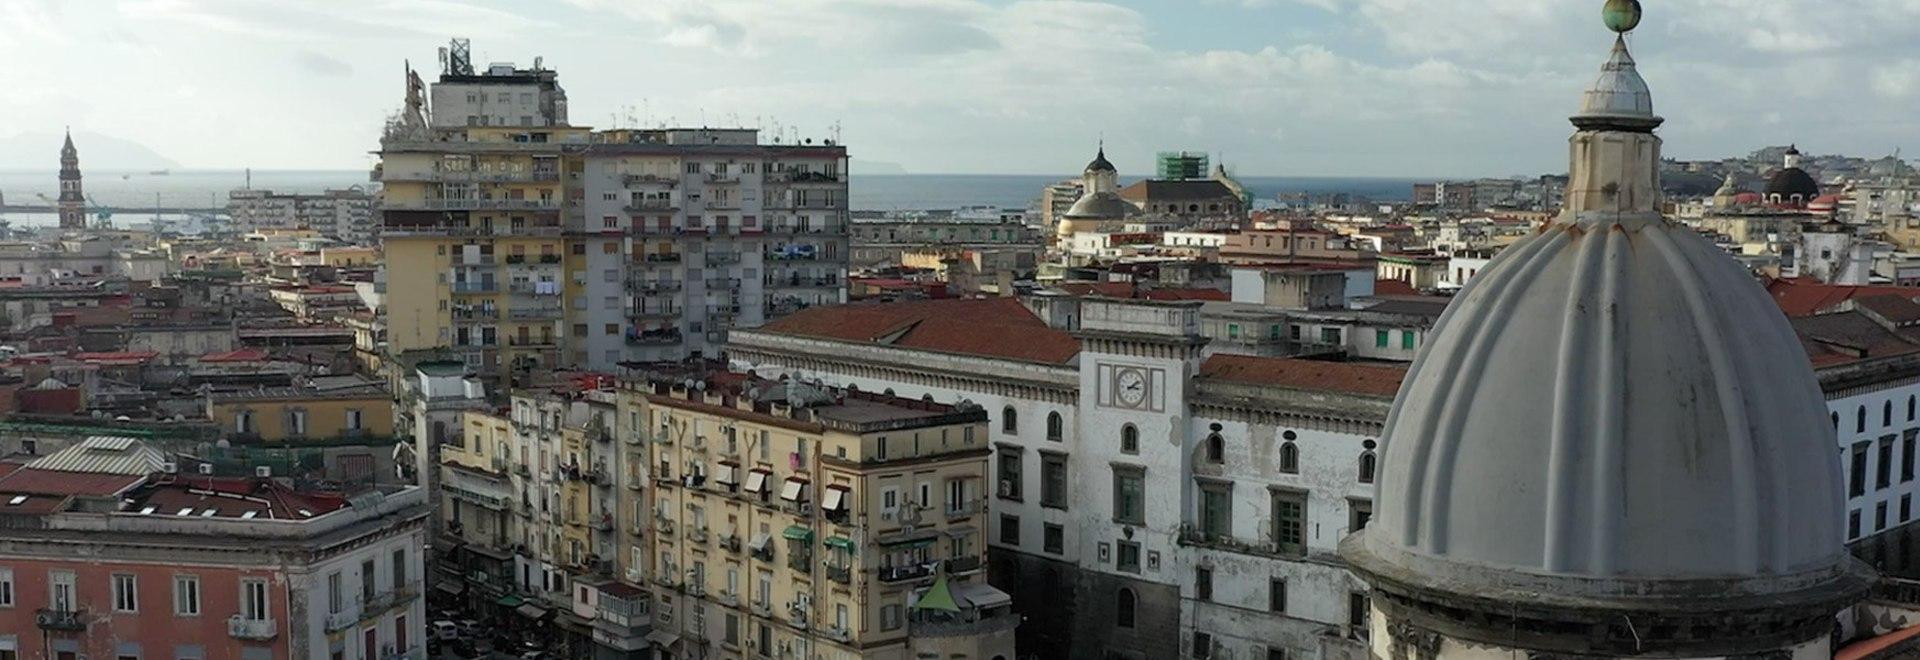 Le ville vesuviane - Napoli tra mare e fuoco